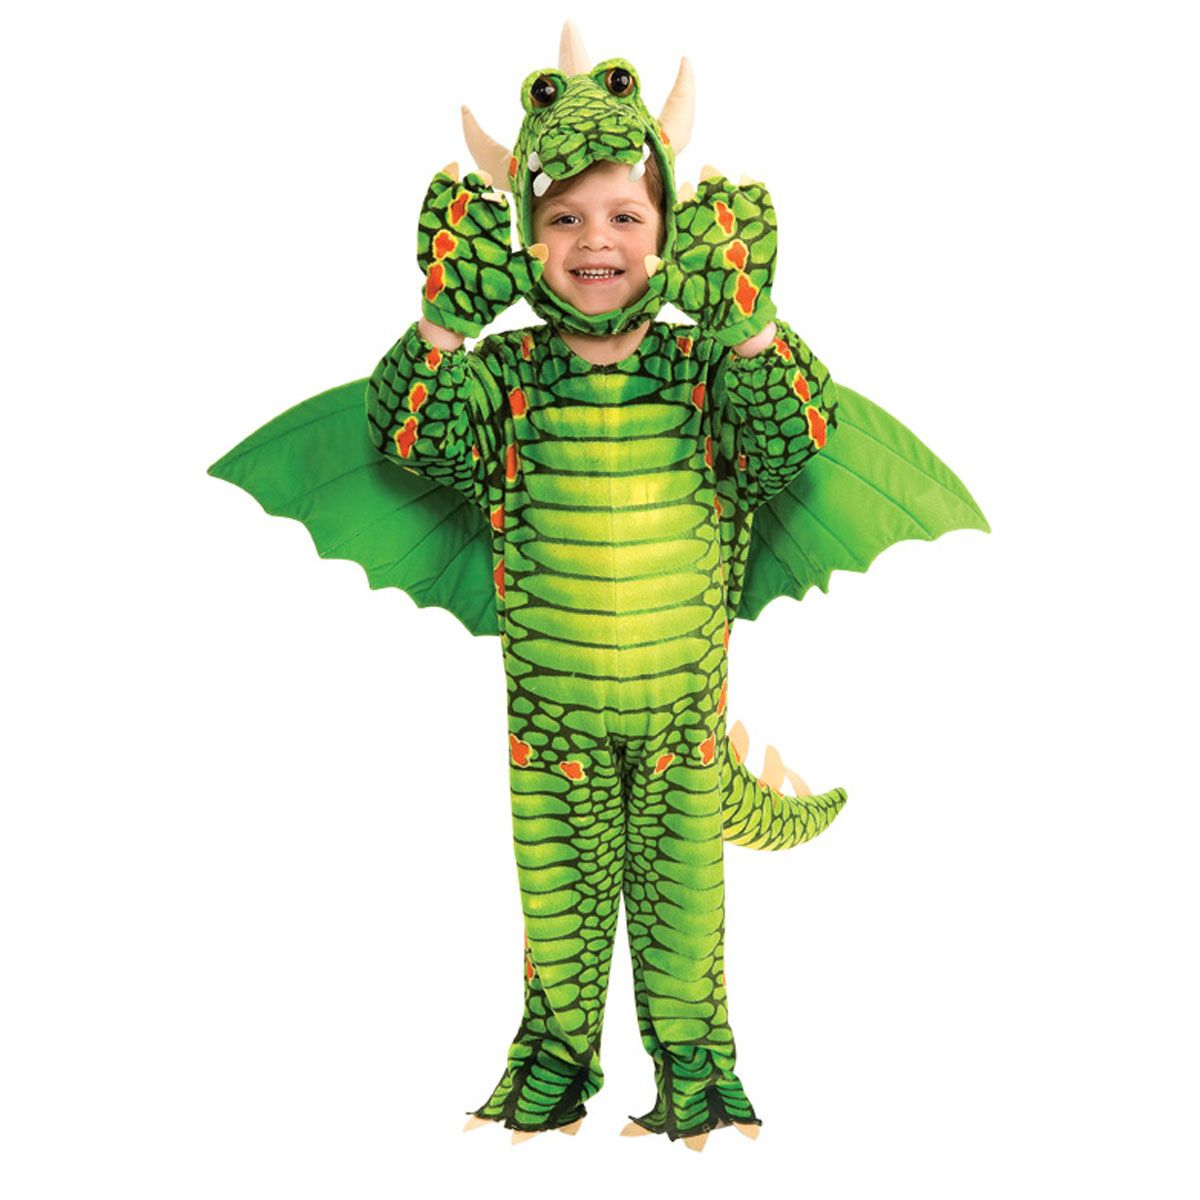 halloween costumes silly safari tyrannosaurus rex dinosaur dragon toddler - Dragon Toddler Halloween Costume